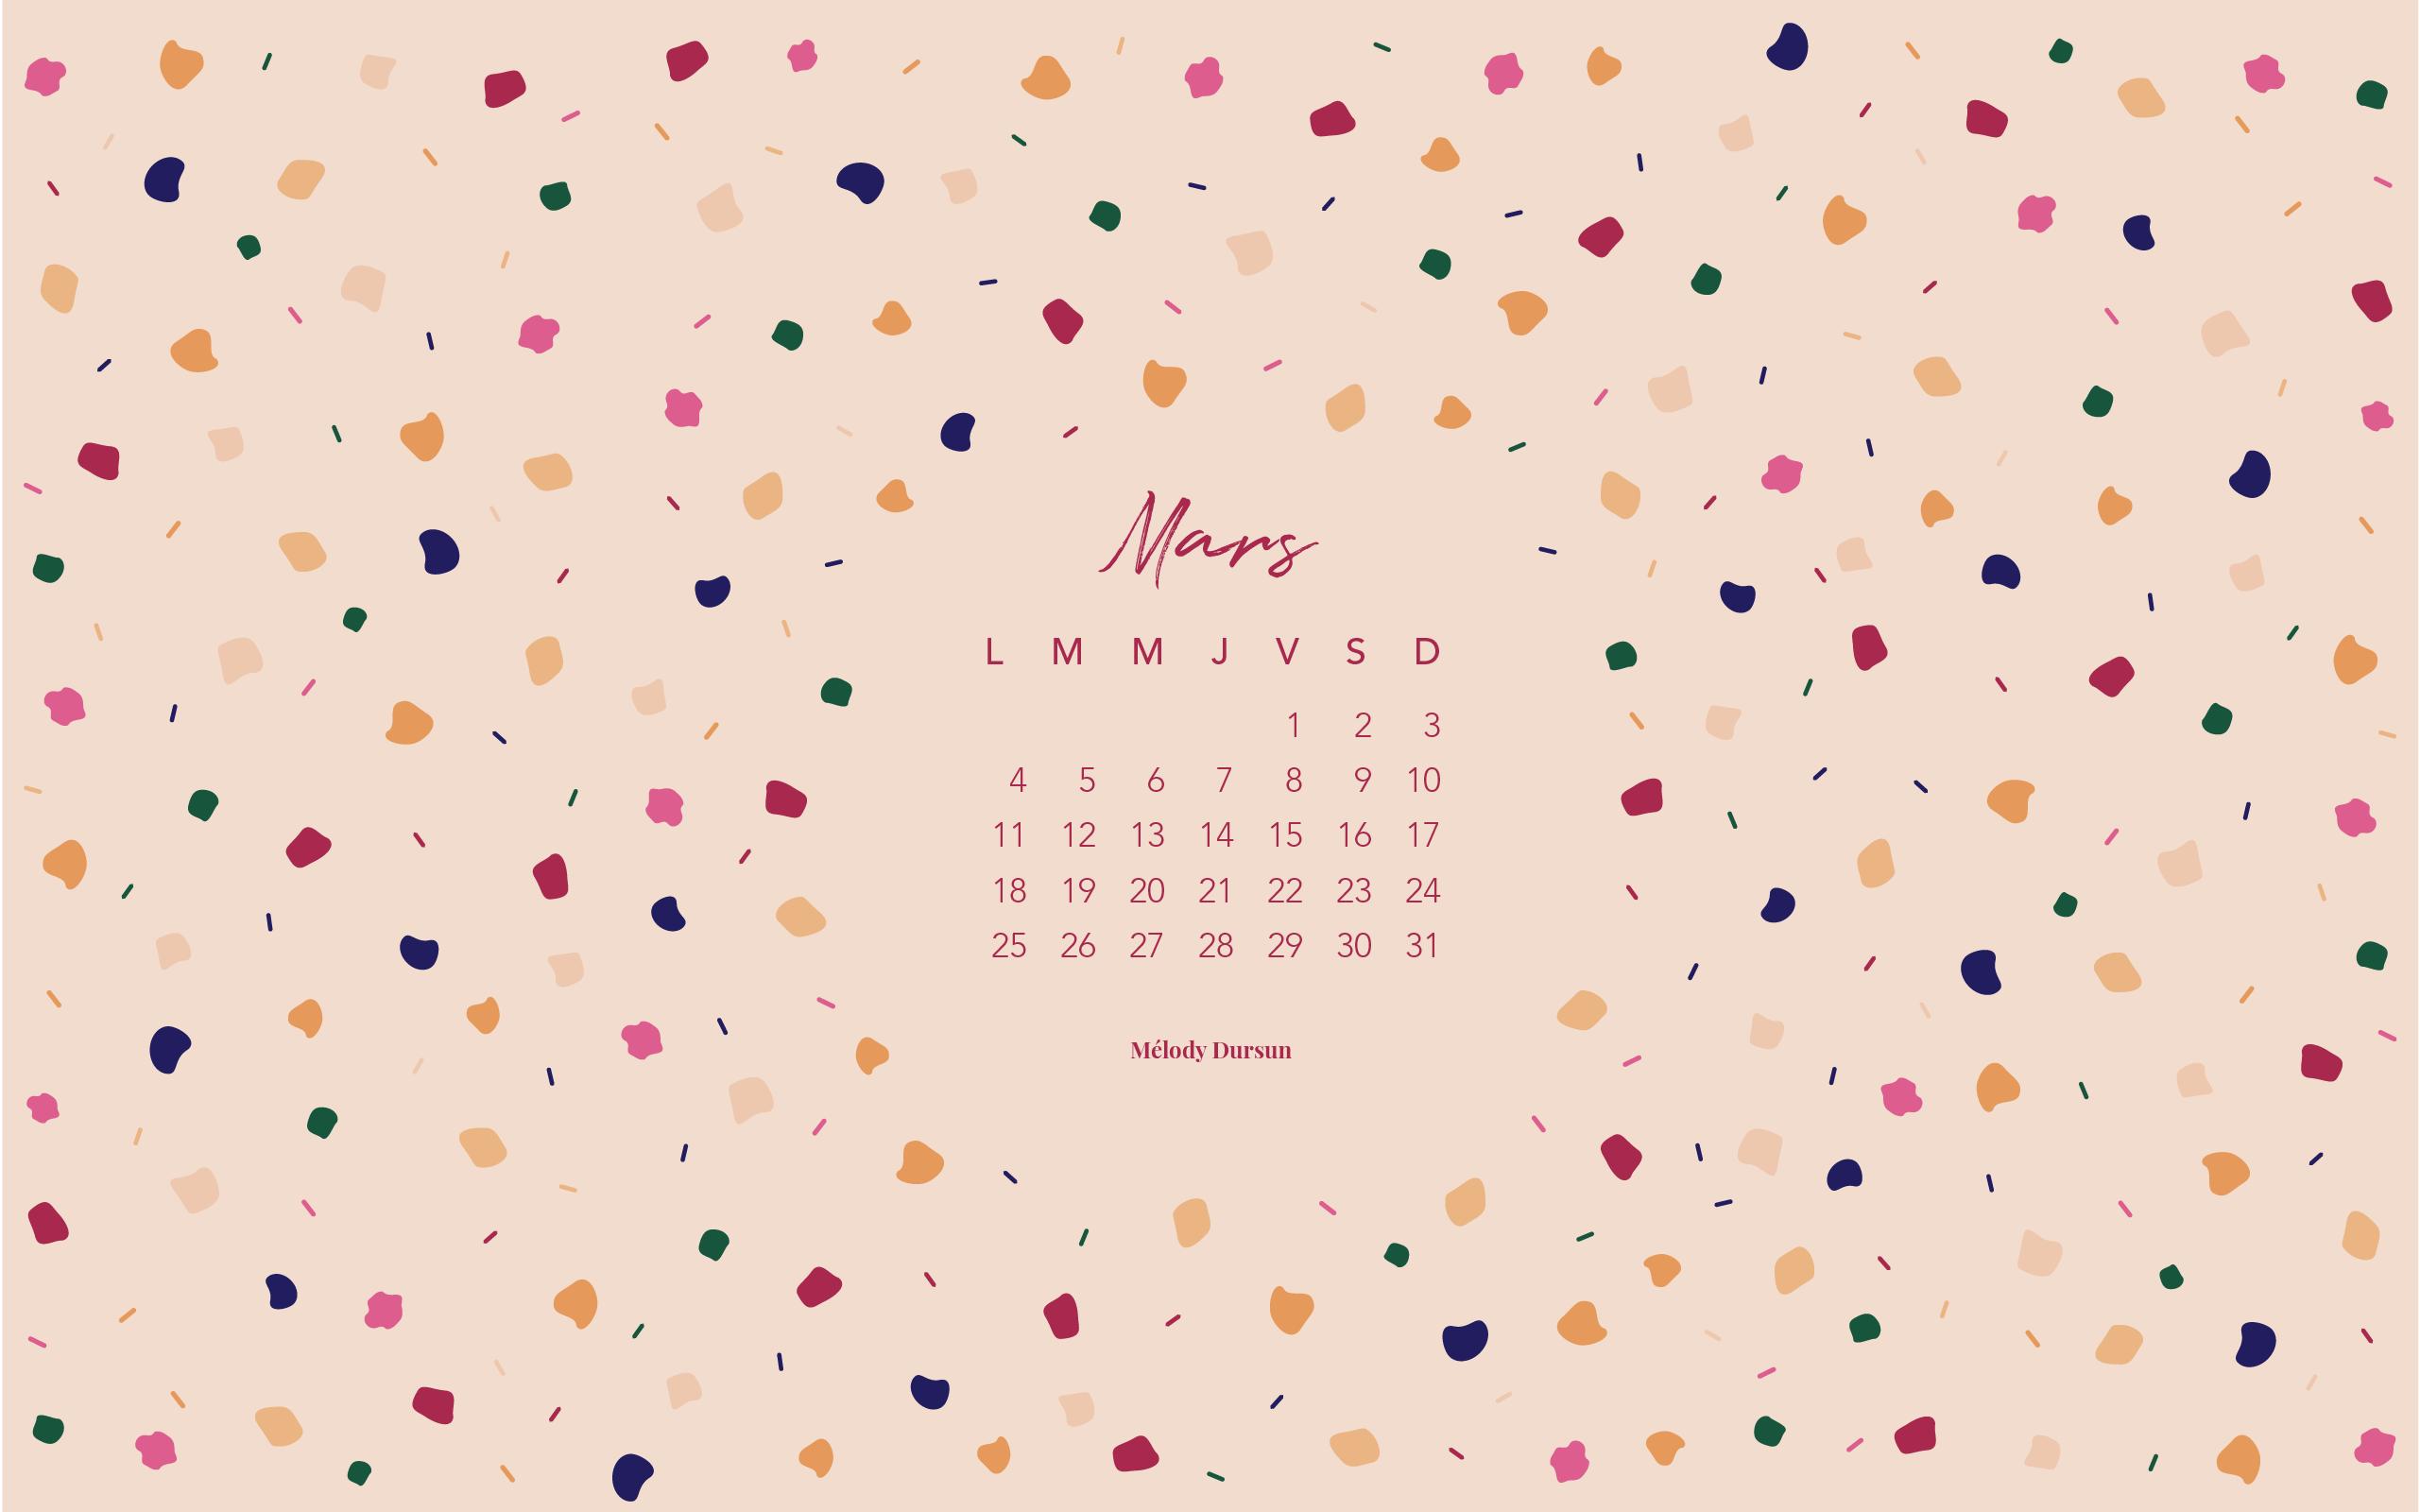 Calendrier & fonds d'écran – Mars 2019